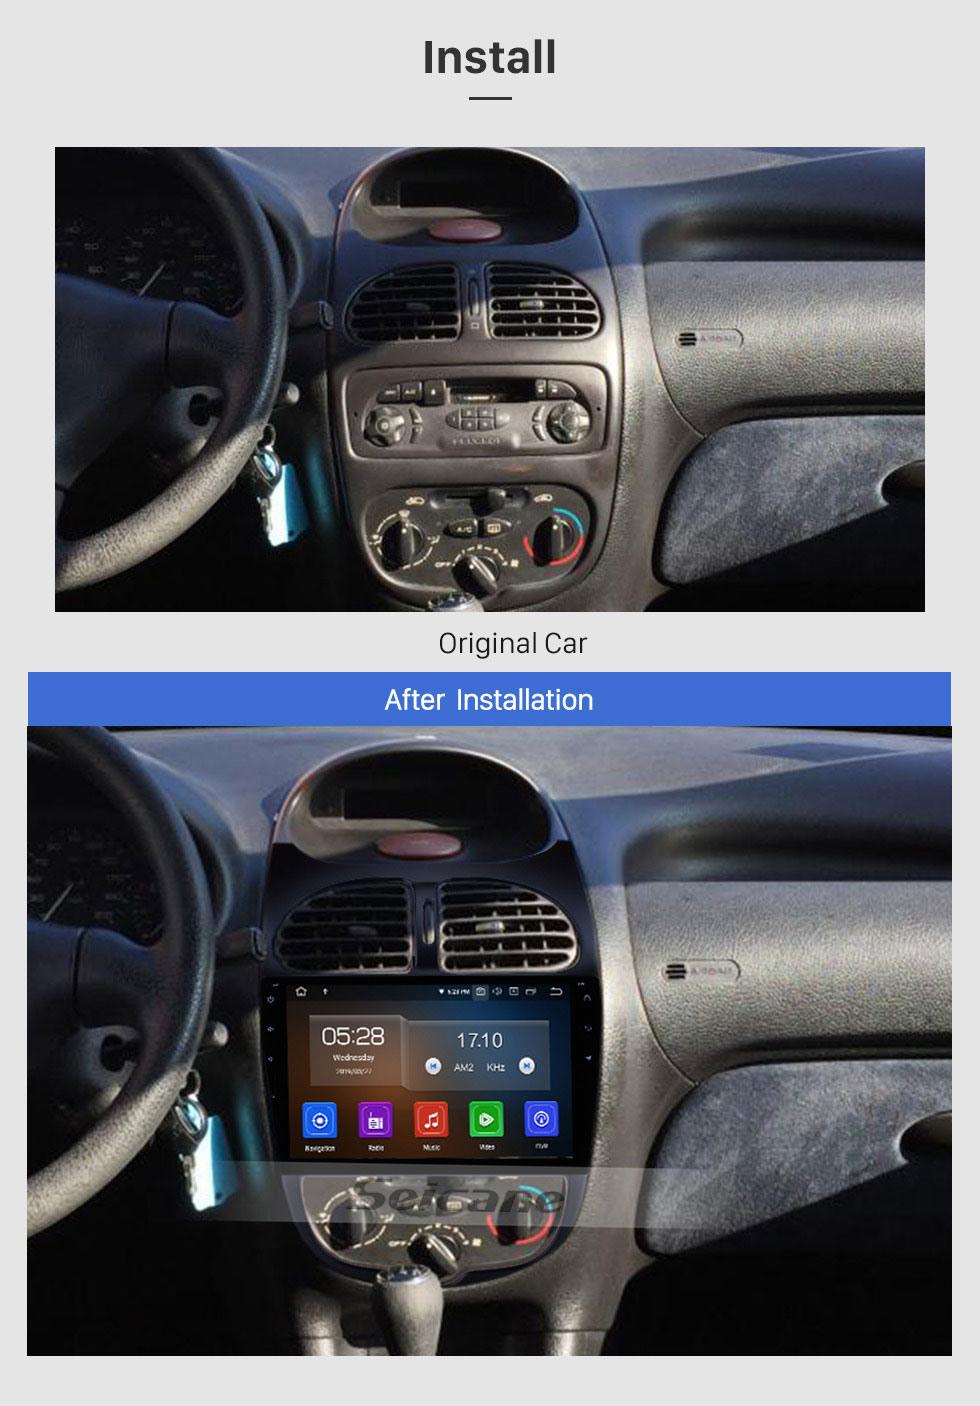 Seicane 2000-2016 PEUGEOT 206 Android 9.0 9 pouces Écran tactile Tête Unité GPS Navi Radio SWC Bluetooth FM Lien de miroir Wifi Carplay USB Sauvegarde Arrière vue Soutien Lecteur de DVD